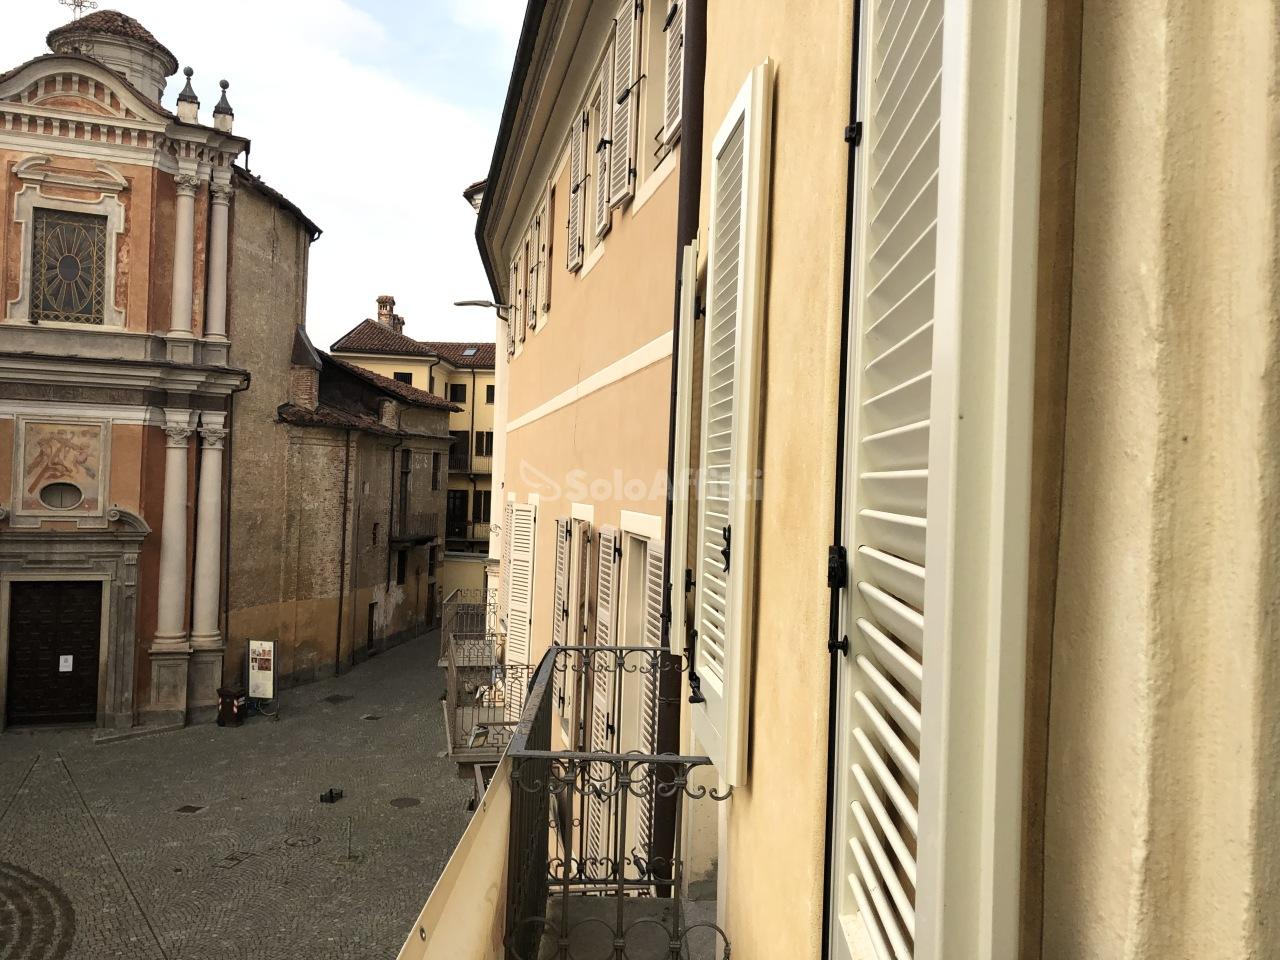 Appartamento in affitto a Savigliano, 1 locali, prezzo € 450 | PortaleAgenzieImmobiliari.it